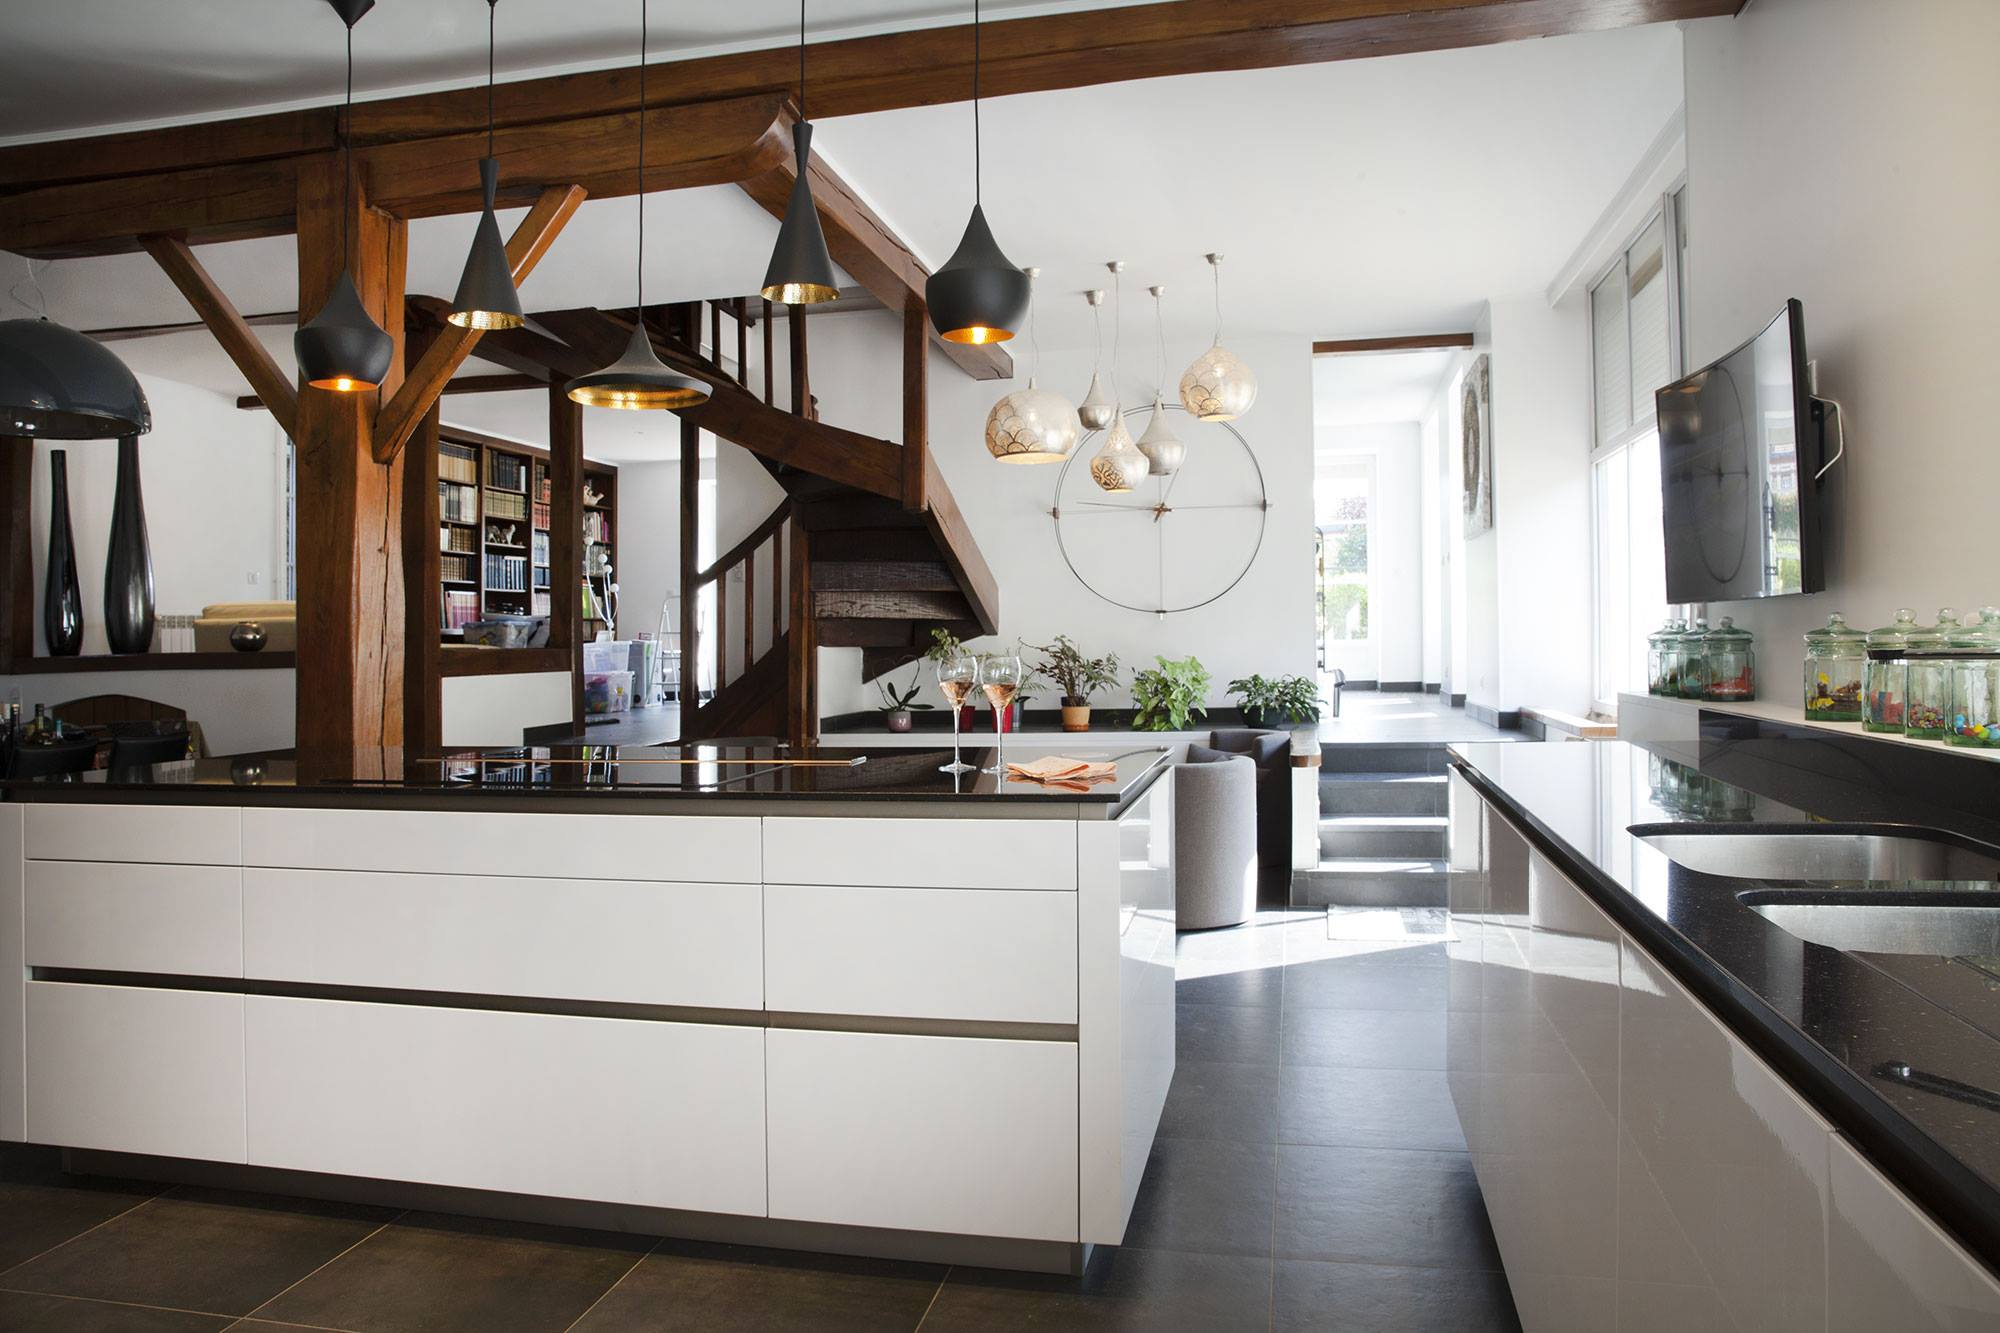 Snaidero greeploze witte designkeuken product in beeld startpagina voor keuken idee n uw - Deco witte keuken ...